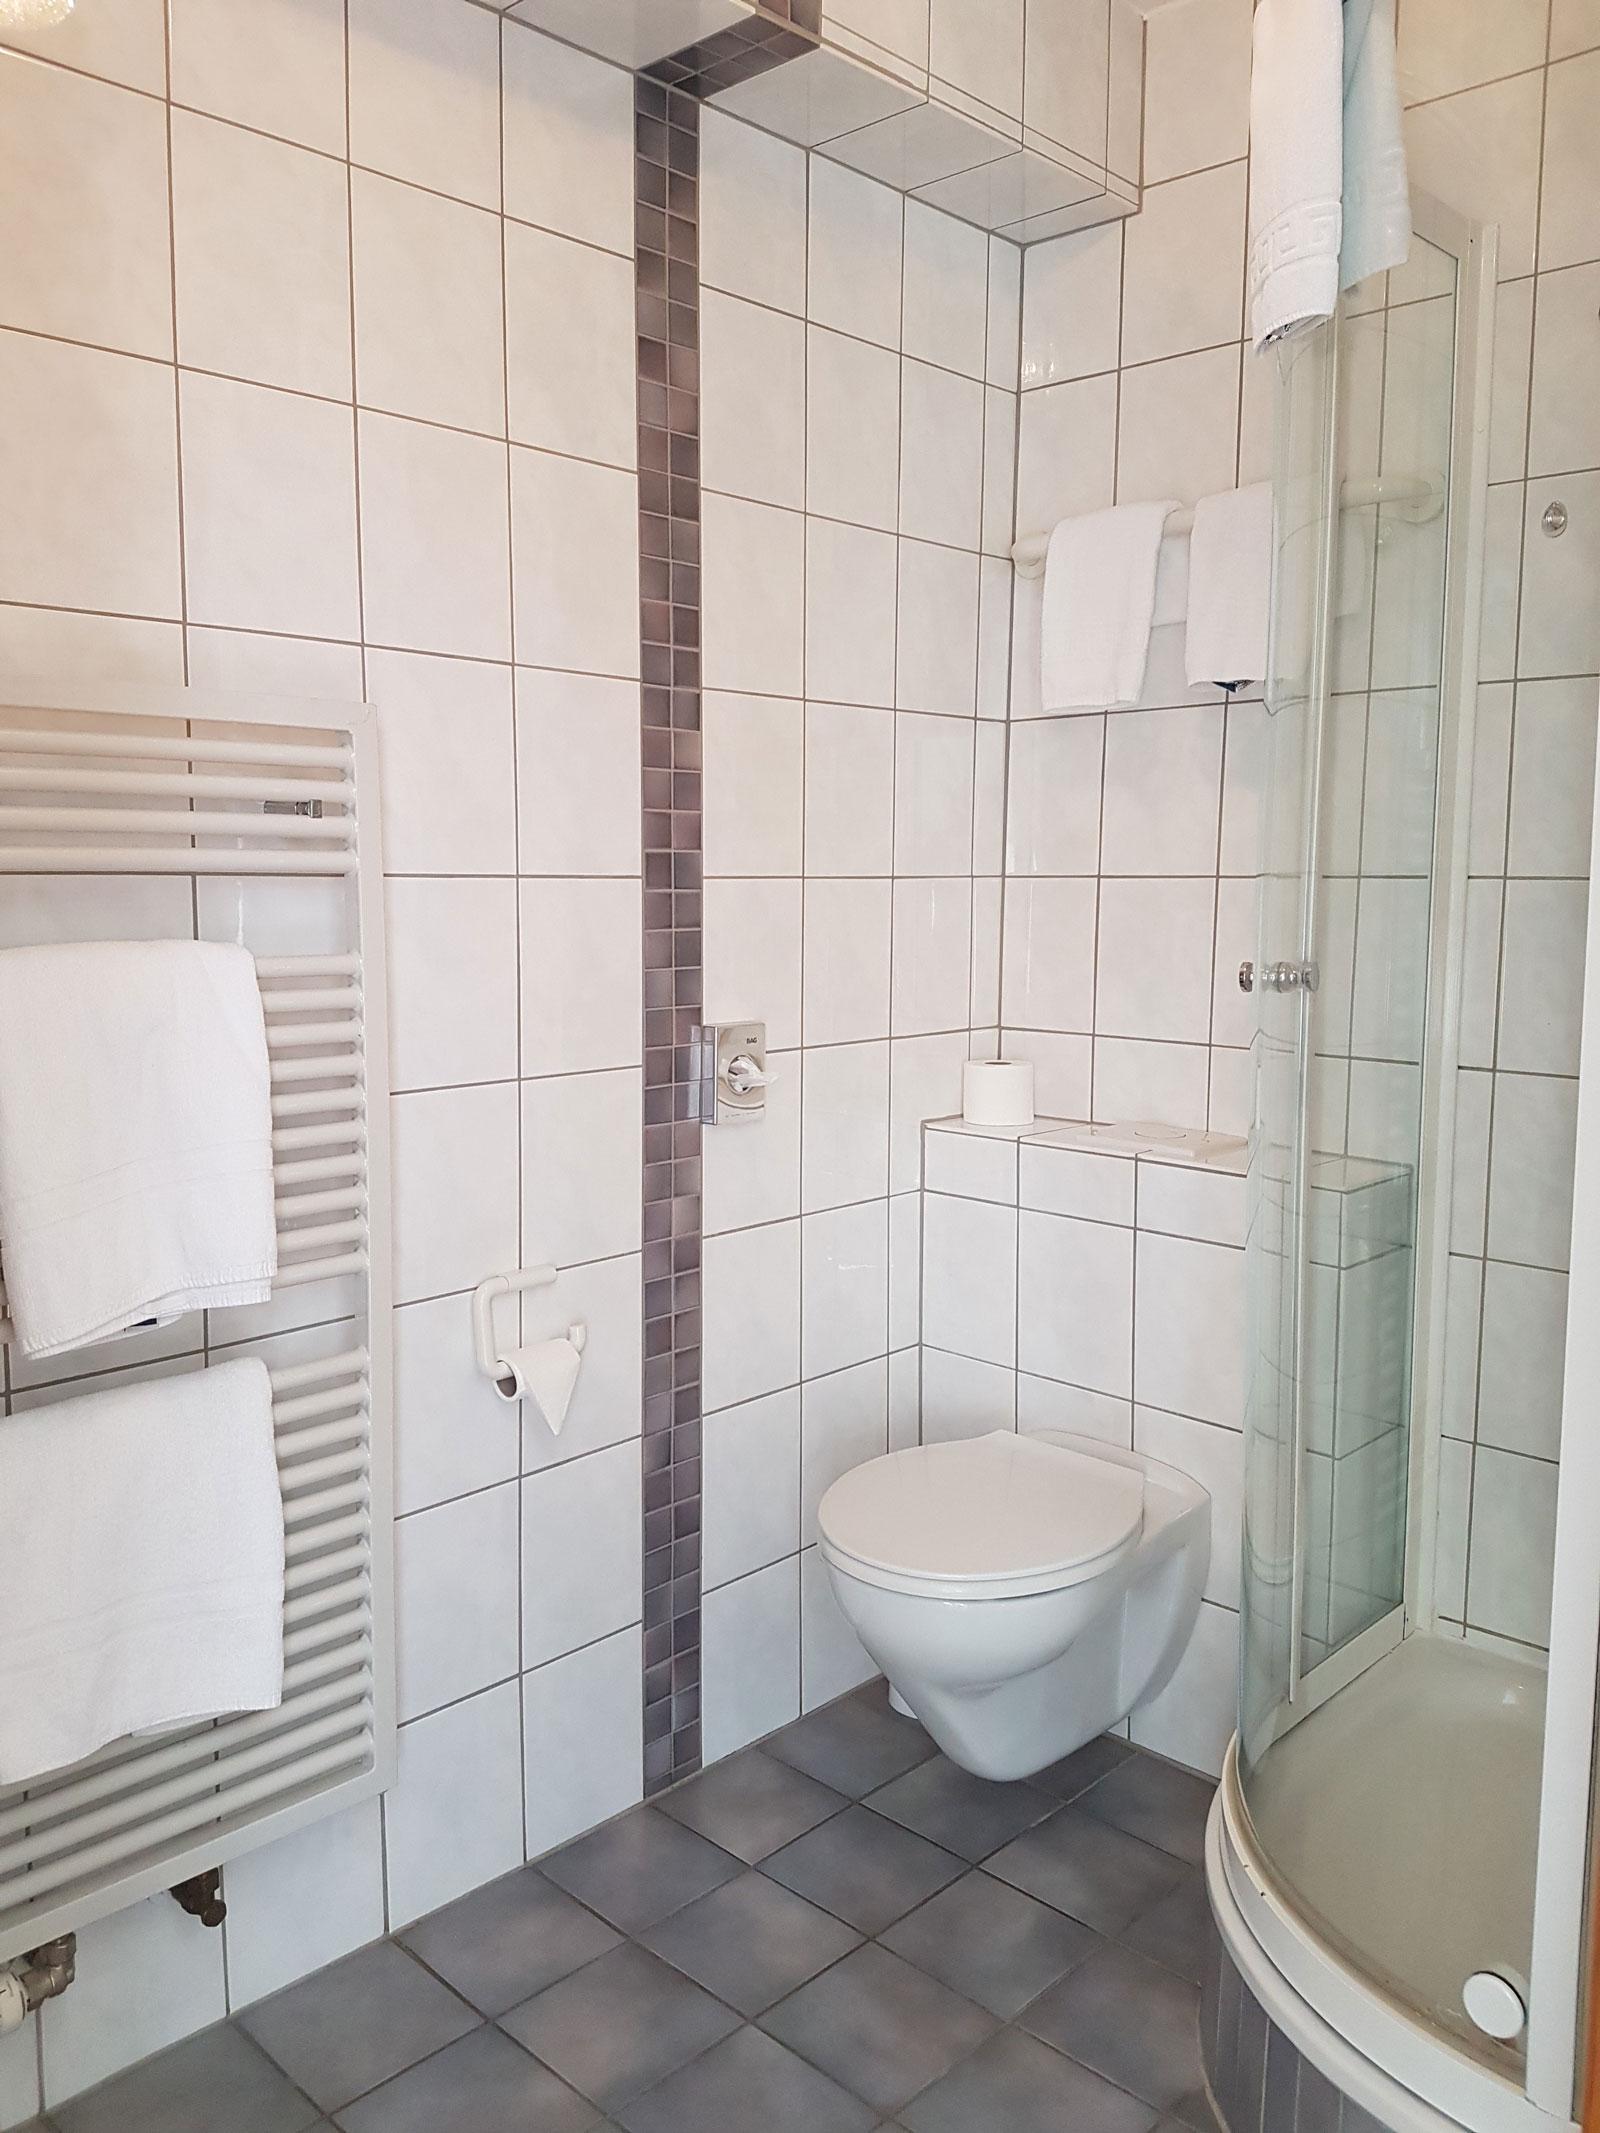 2pers-badkamer